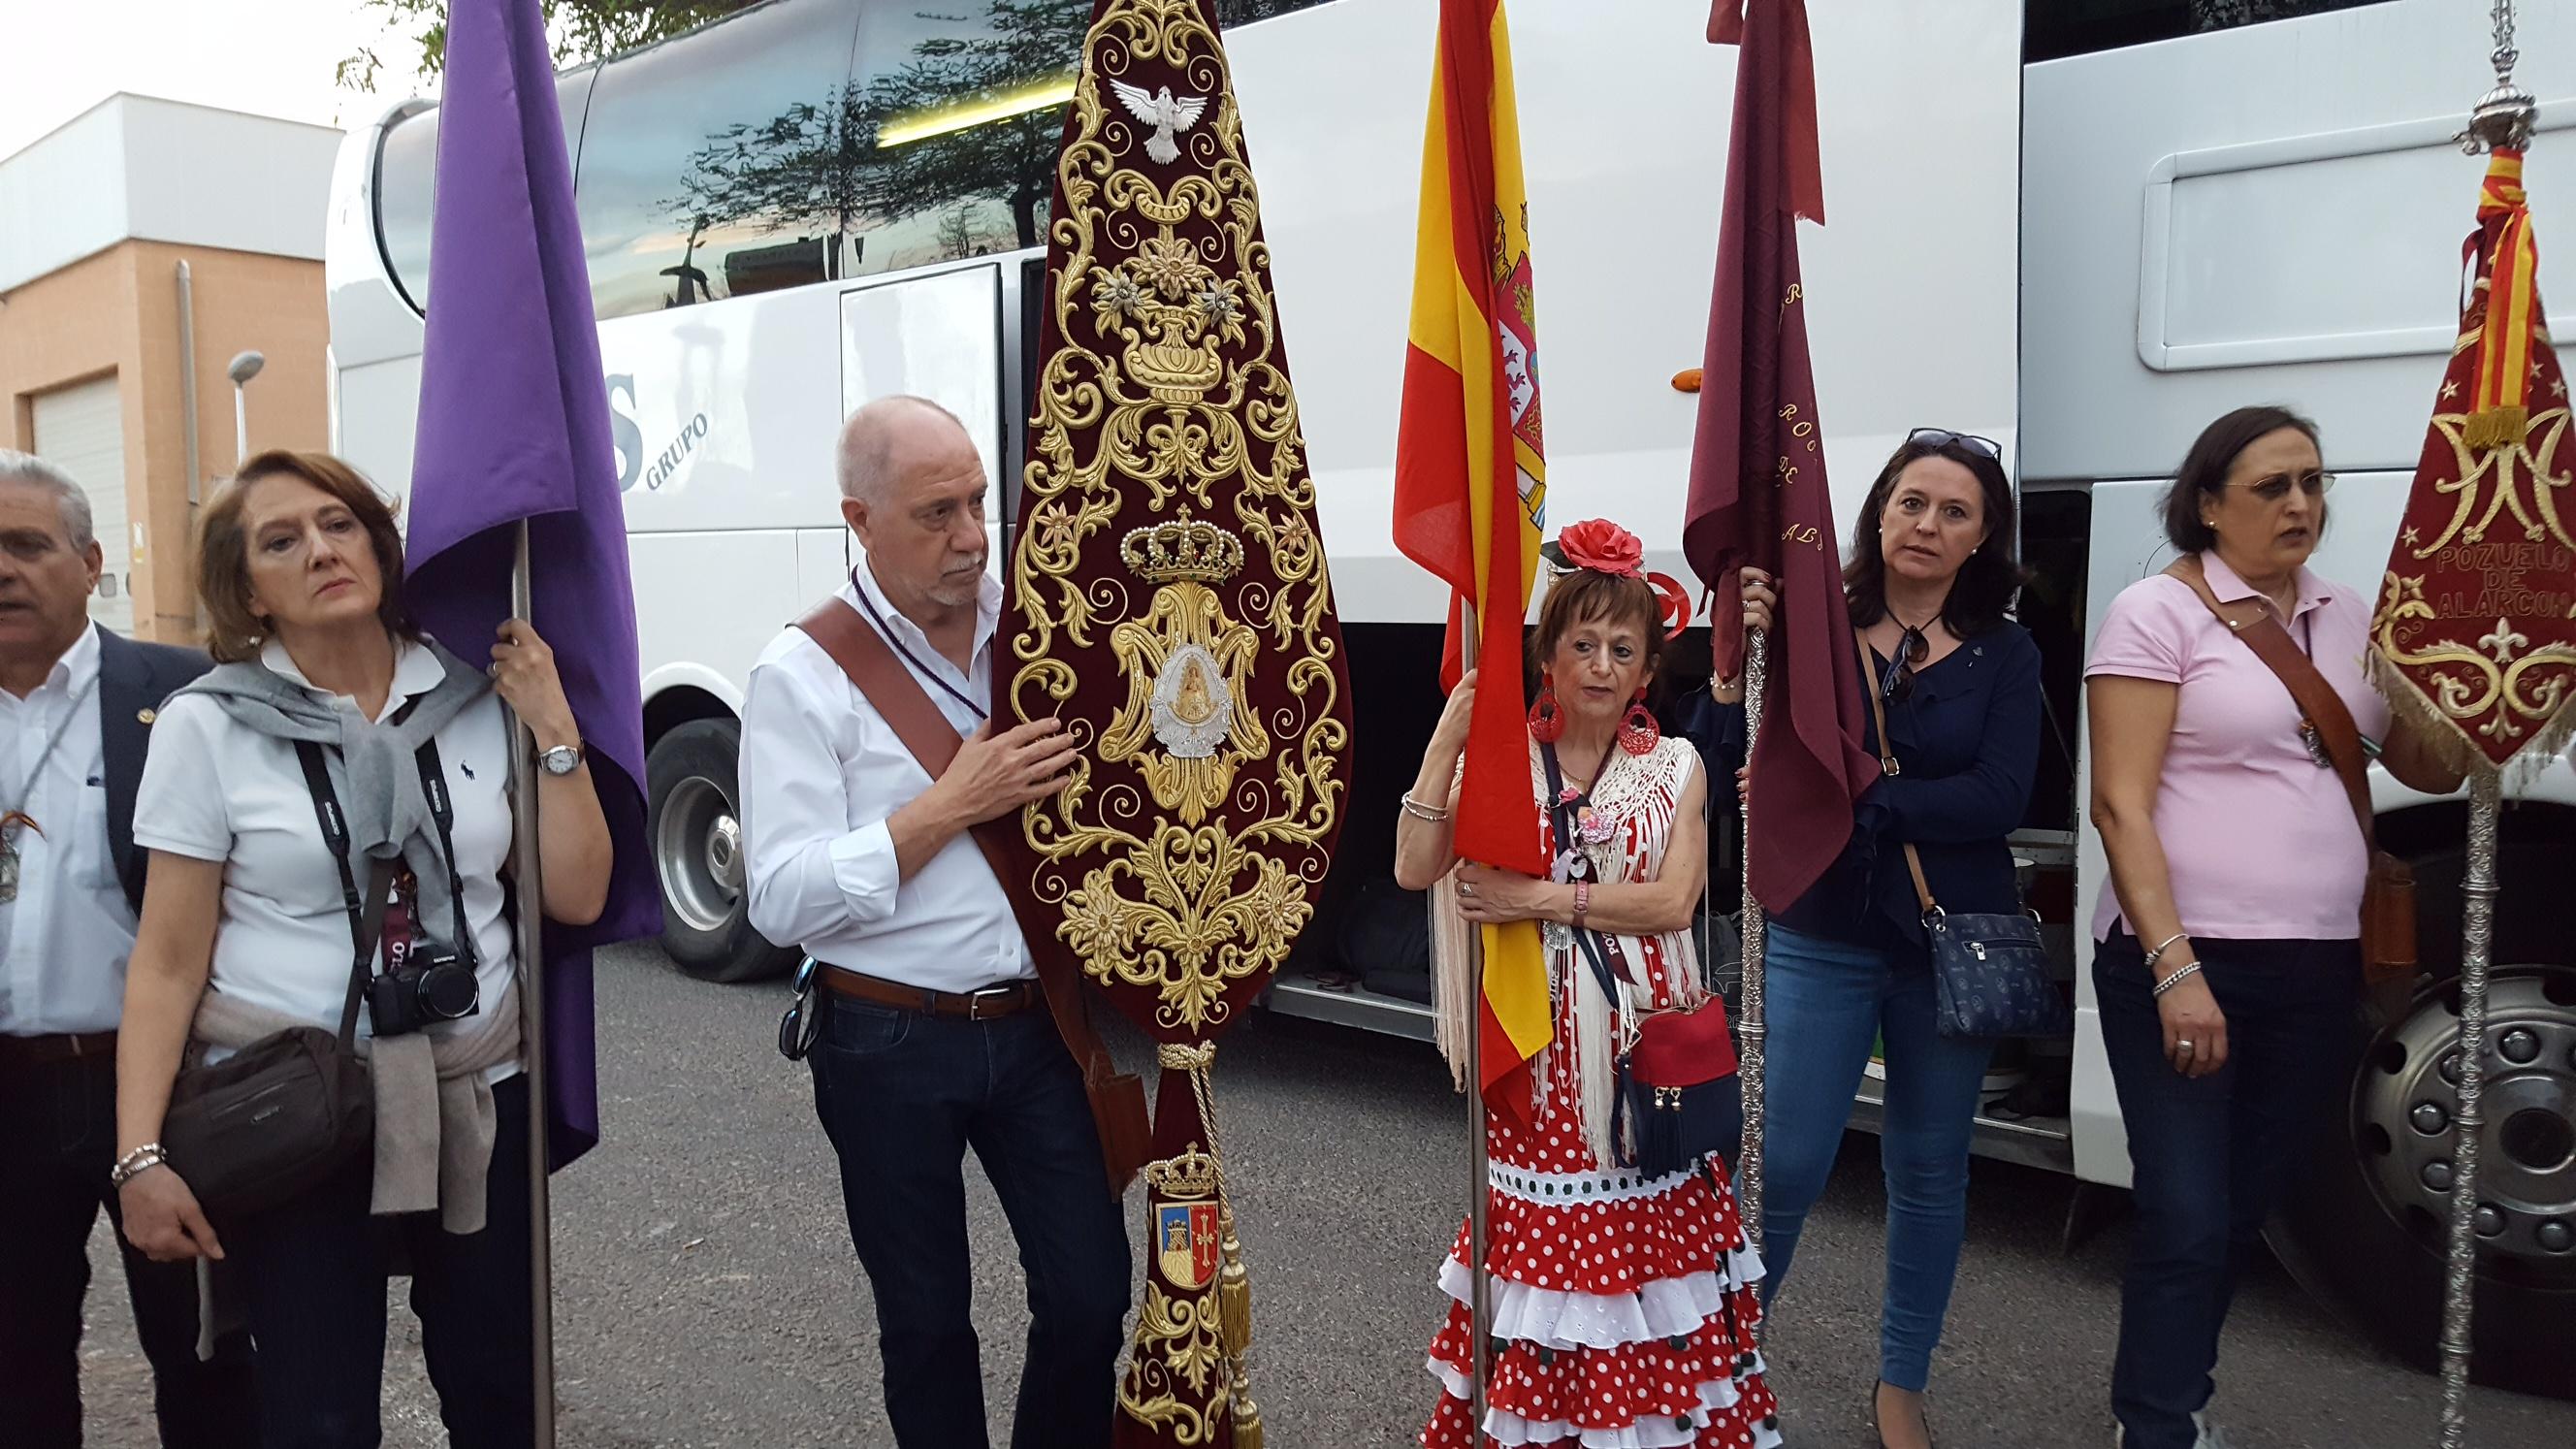 Peregrinación Caravaca